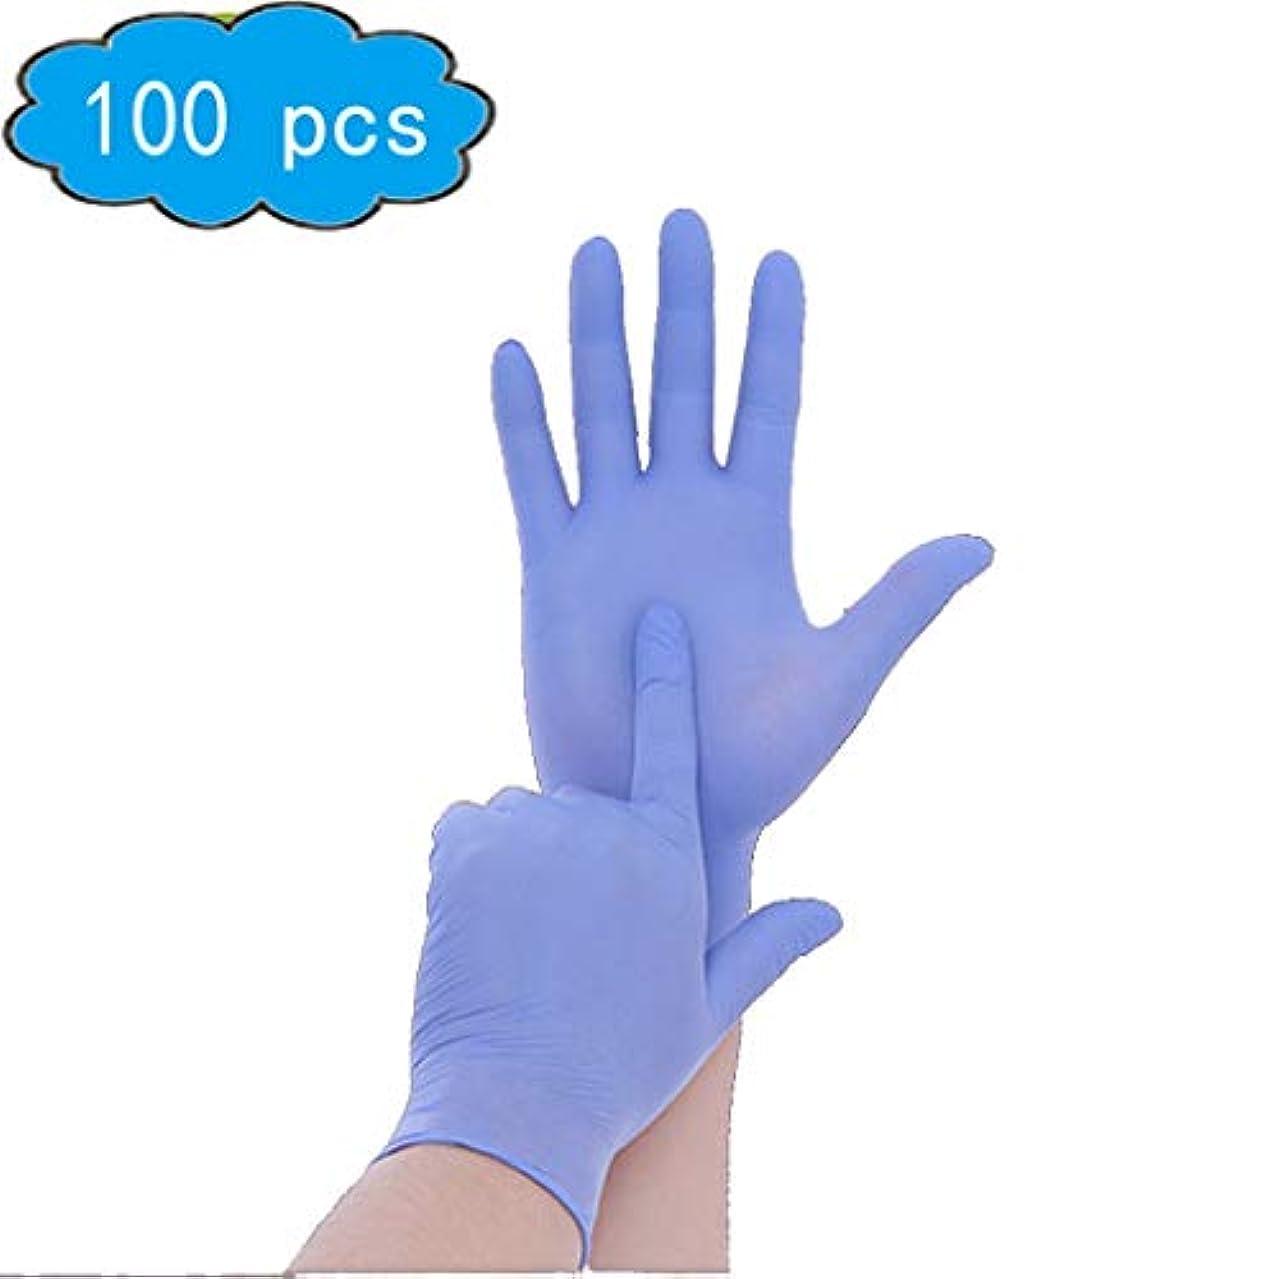 バーベキューシダいまニトリル試験用手袋-医療グレード、パウダーフリー、ラテックスゴムフリー、使い捨て、非滅菌、食品安全、テクスチャード加工、サニタリーグローブ、救急用品、(パック100)、手と腕の保護 (Color : Purple, Size : L)